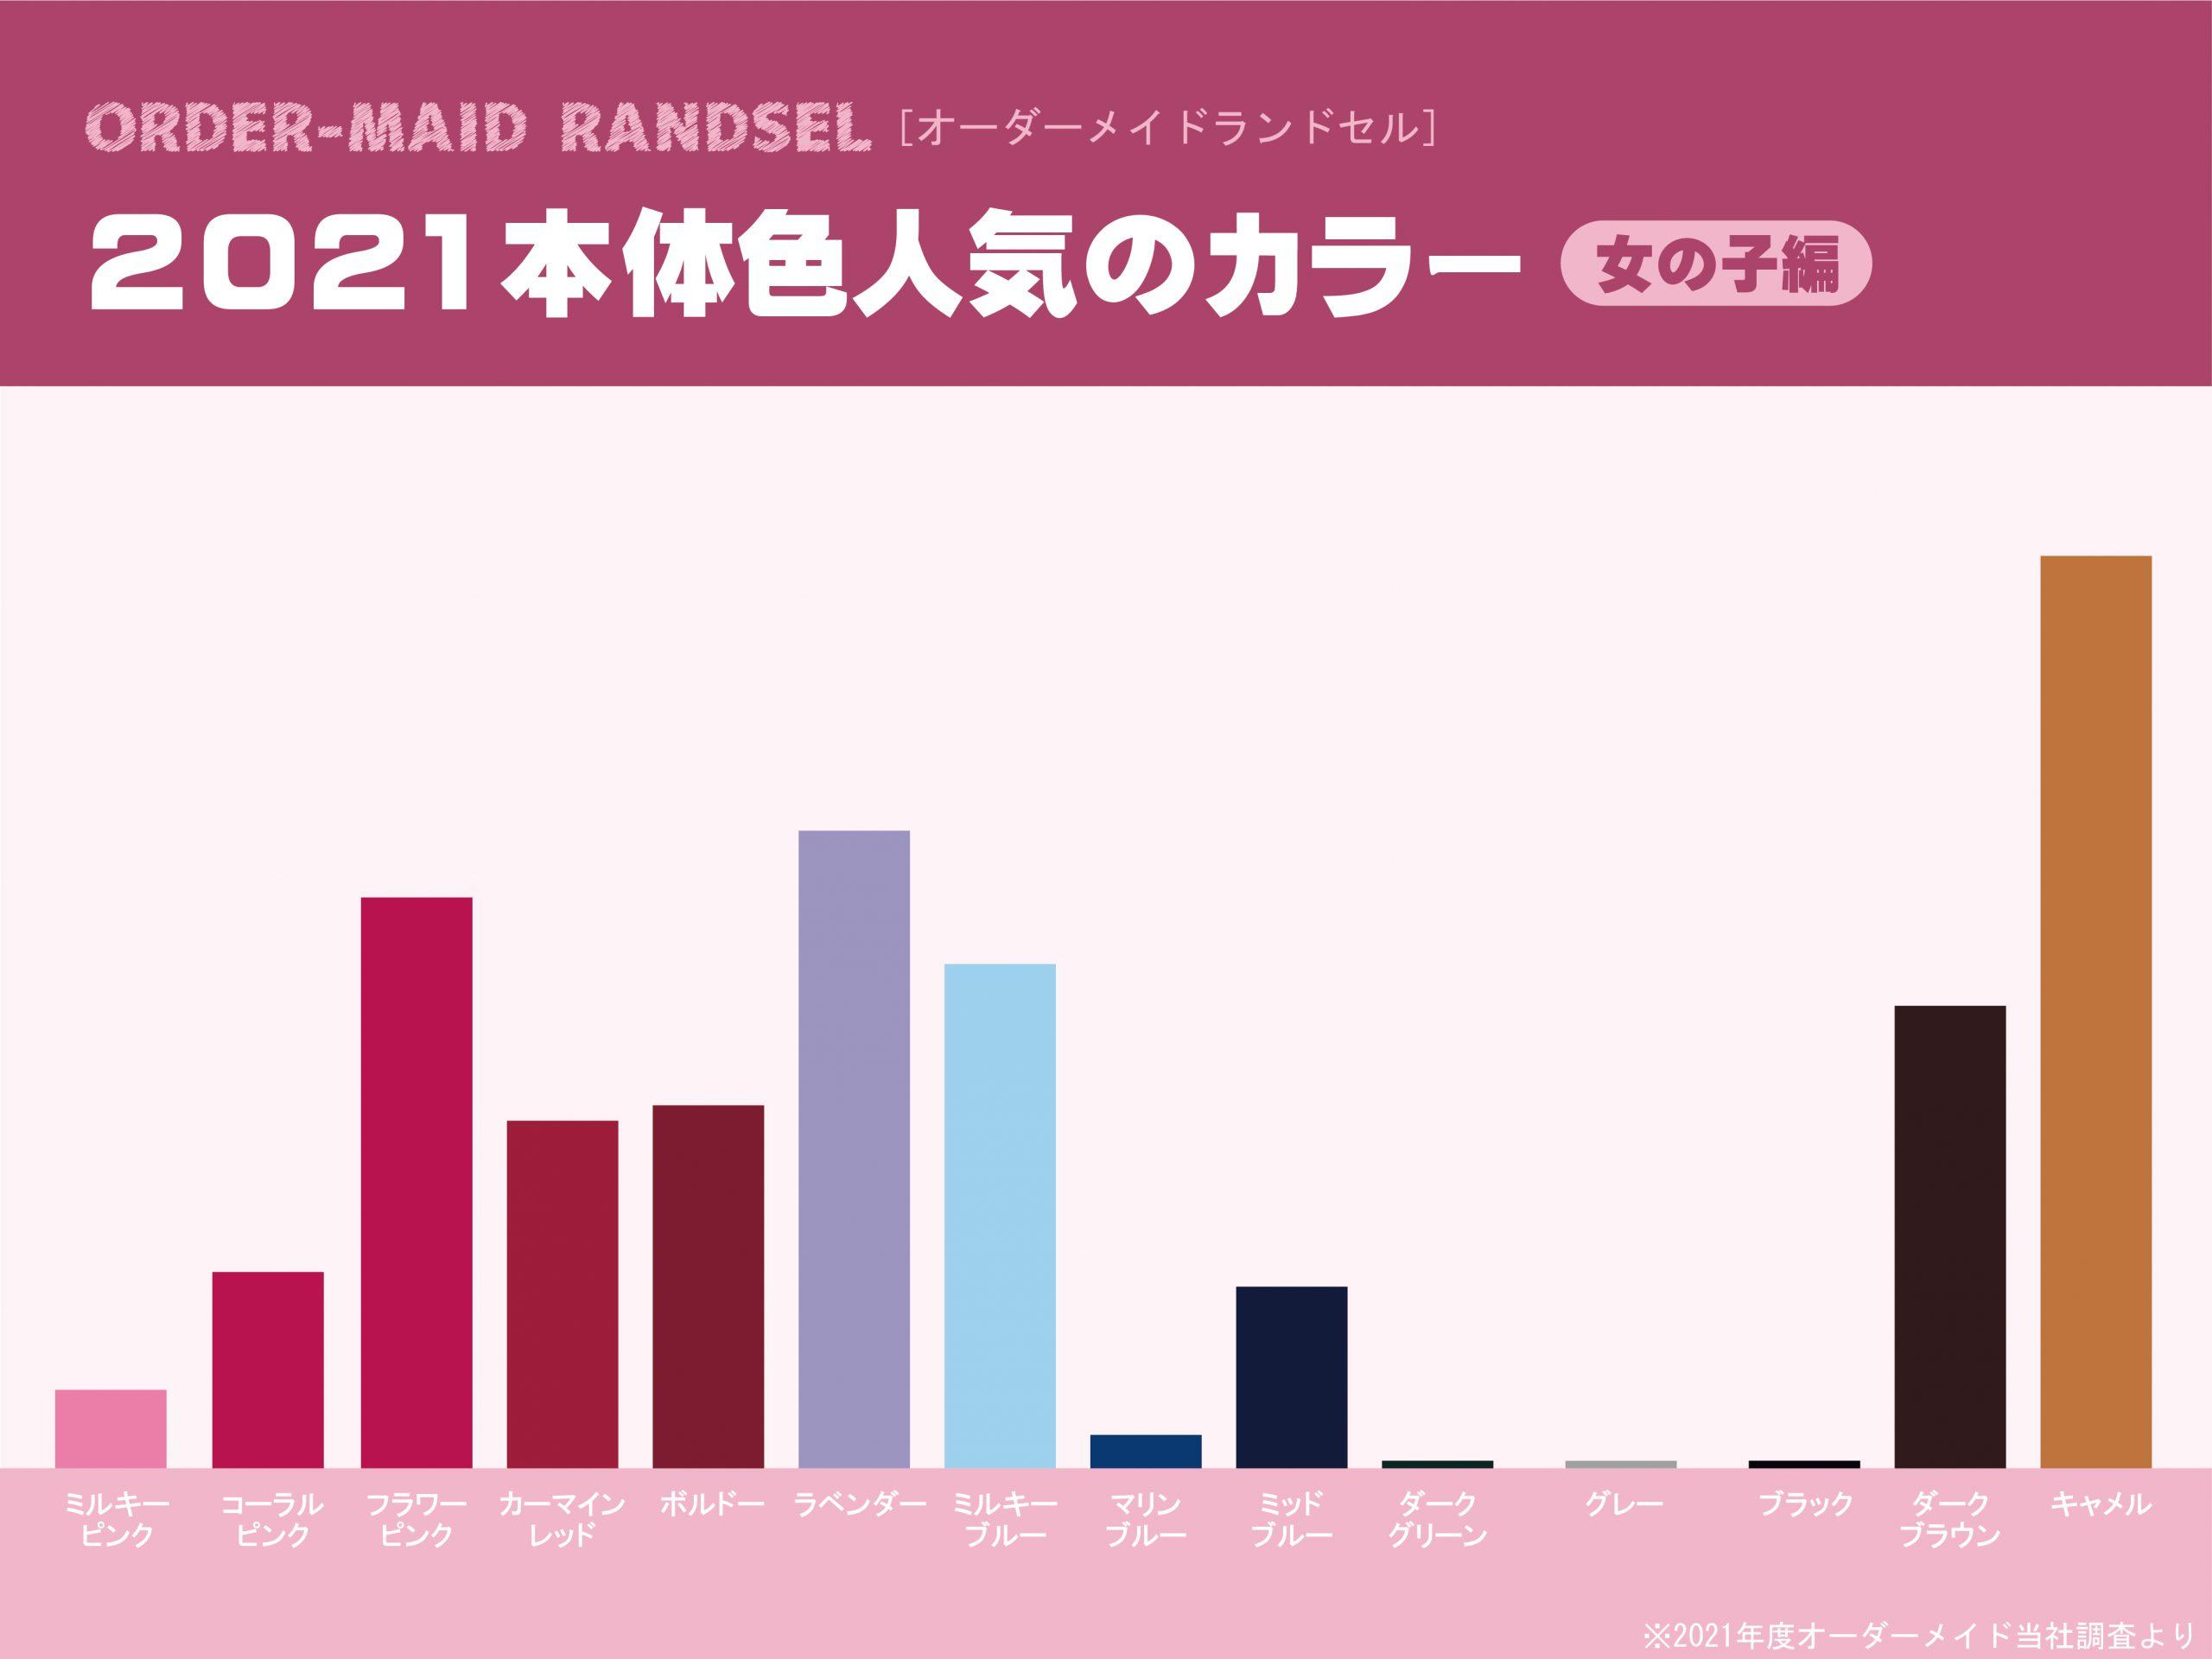 2021本体色人気ランキング 【女の子】